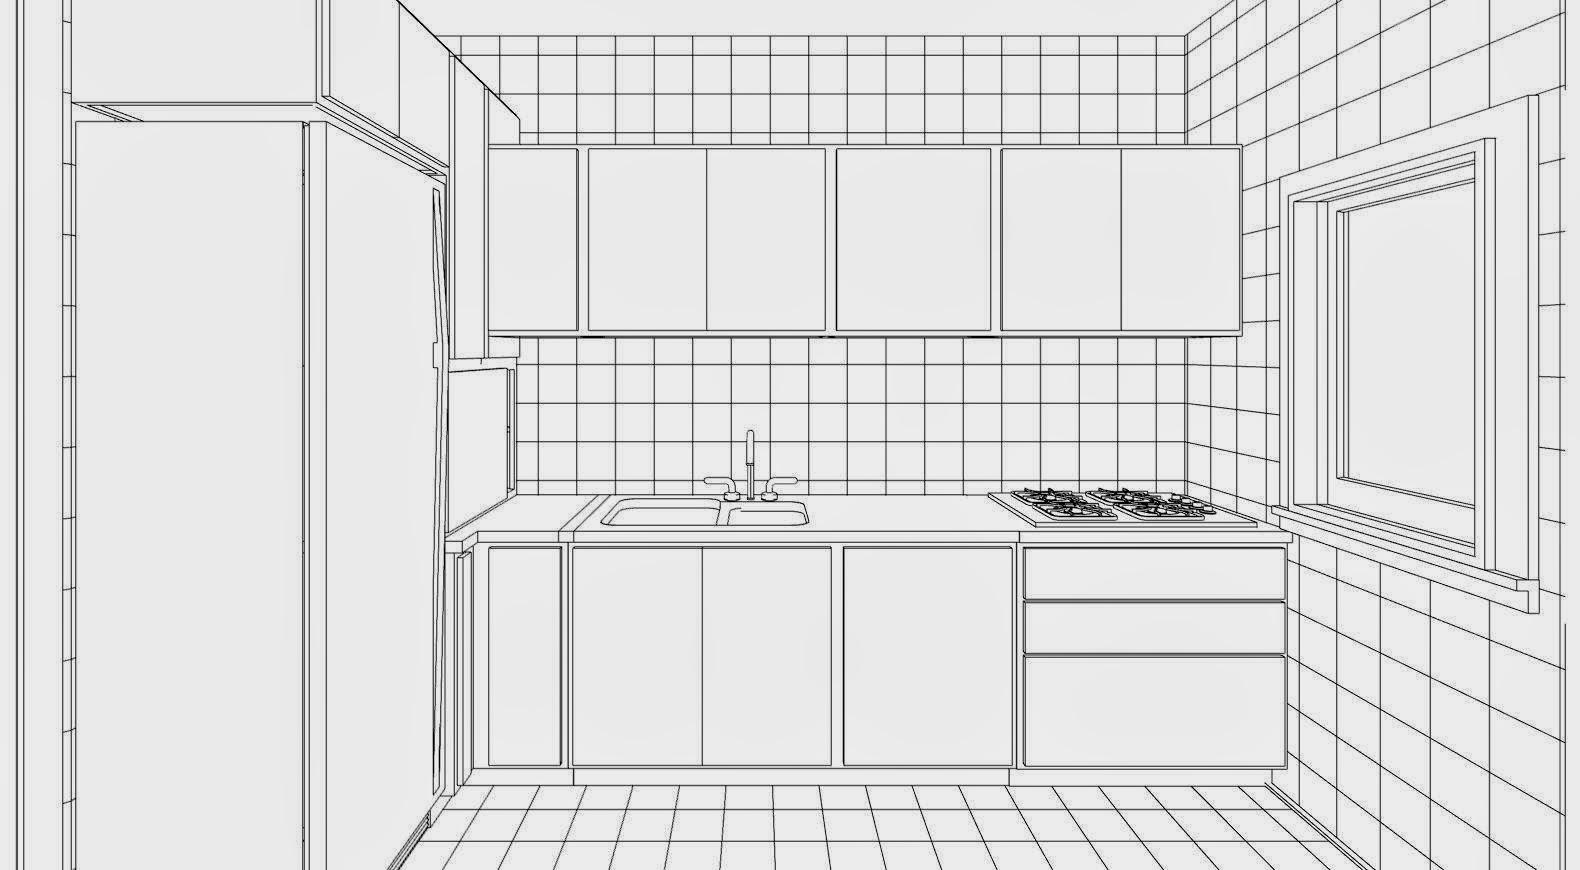 Disegno Cucina Angolare GT48 » Regardsdefemmes